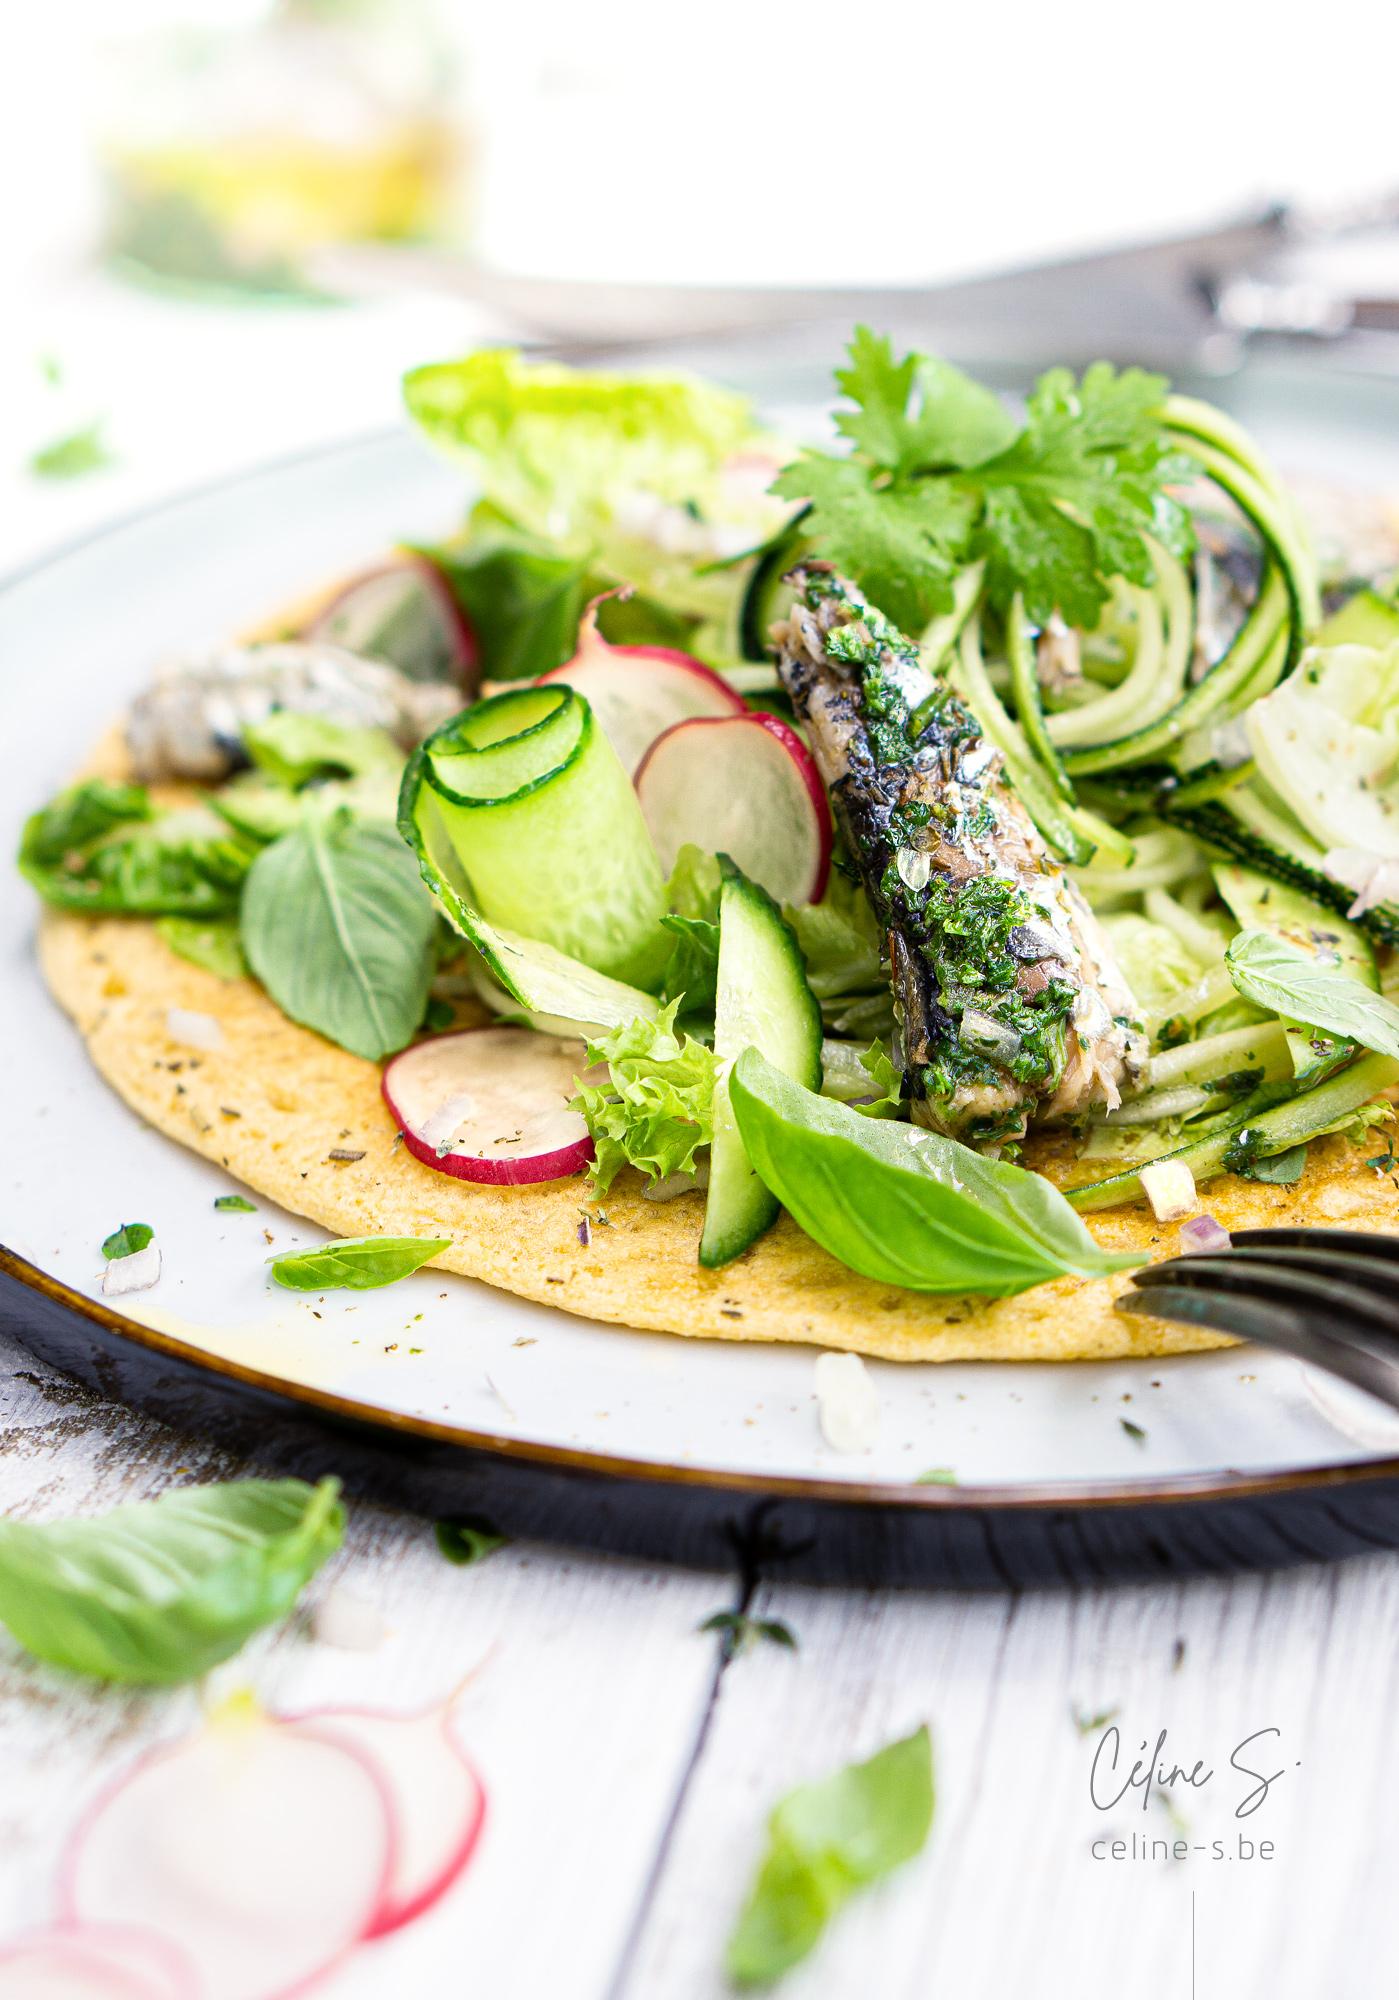 Céline Stiévenard - food photo - photographe et styliste culinaire - galette de pois chiche salade et sardines - vinaigrette - Liège, Belgique